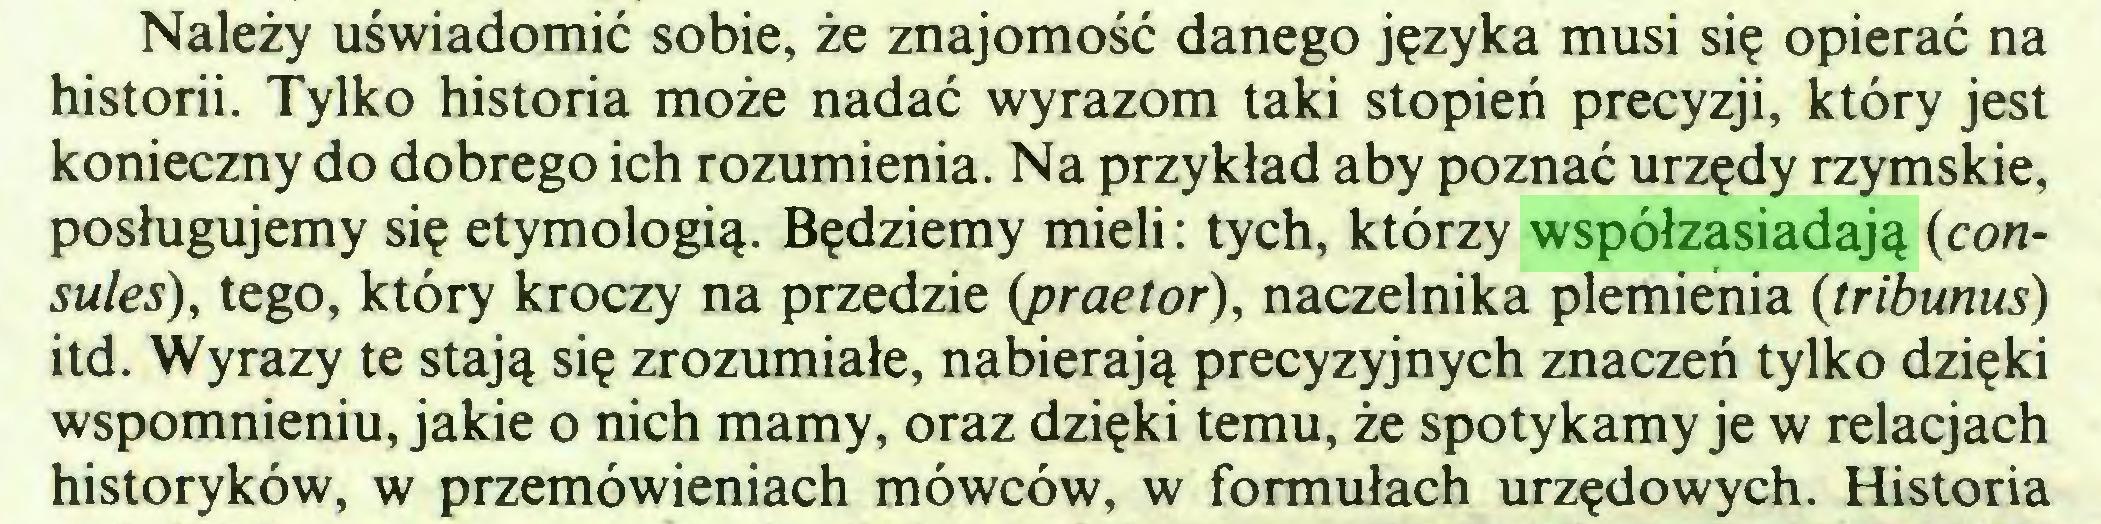 (...) Należy uświadomić sobie, że znajomość danego języka musi się opierać na historii. Tylko historia może nadać wyrazom taki stopień precyzji, który jest konieczny do dobrego ich rozumienia. Na przykład aby poznać urzędy rzymskie, posługujemy się etymologią. Będziemy mieli: tych, którzy współzasiadają {cónsules), tego, który kroczy na przedzie (praetor), naczelnika plemienia (tribunus) itd. Wyrazy te stają się zrozumiałe, nabierają precyzyjnych znaczeń tylko dzięki wspomnieniu, jakie o nich mamy, oraz dzięki temu, że spotykamy je w relacjach historyków, w przemówieniach mówców, w formułach urzędowych. Historia...